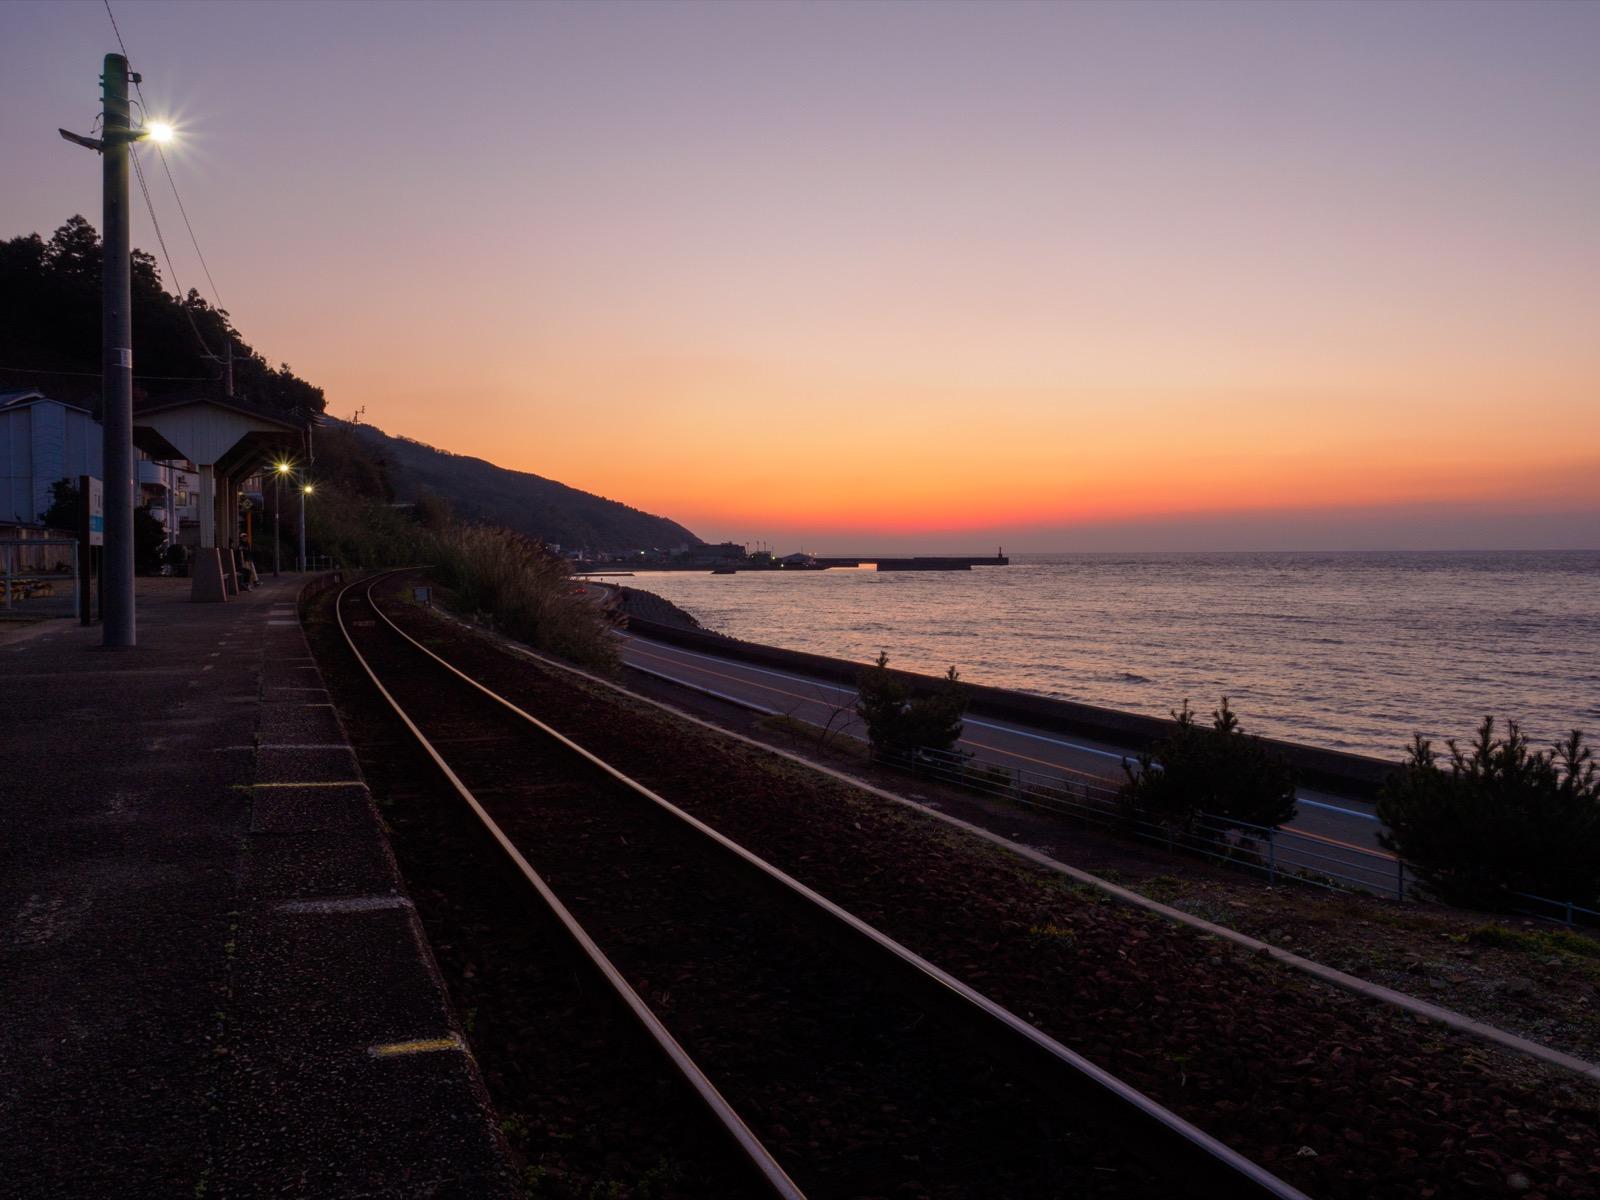 下灘駅の夕焼け(夕暮れ)